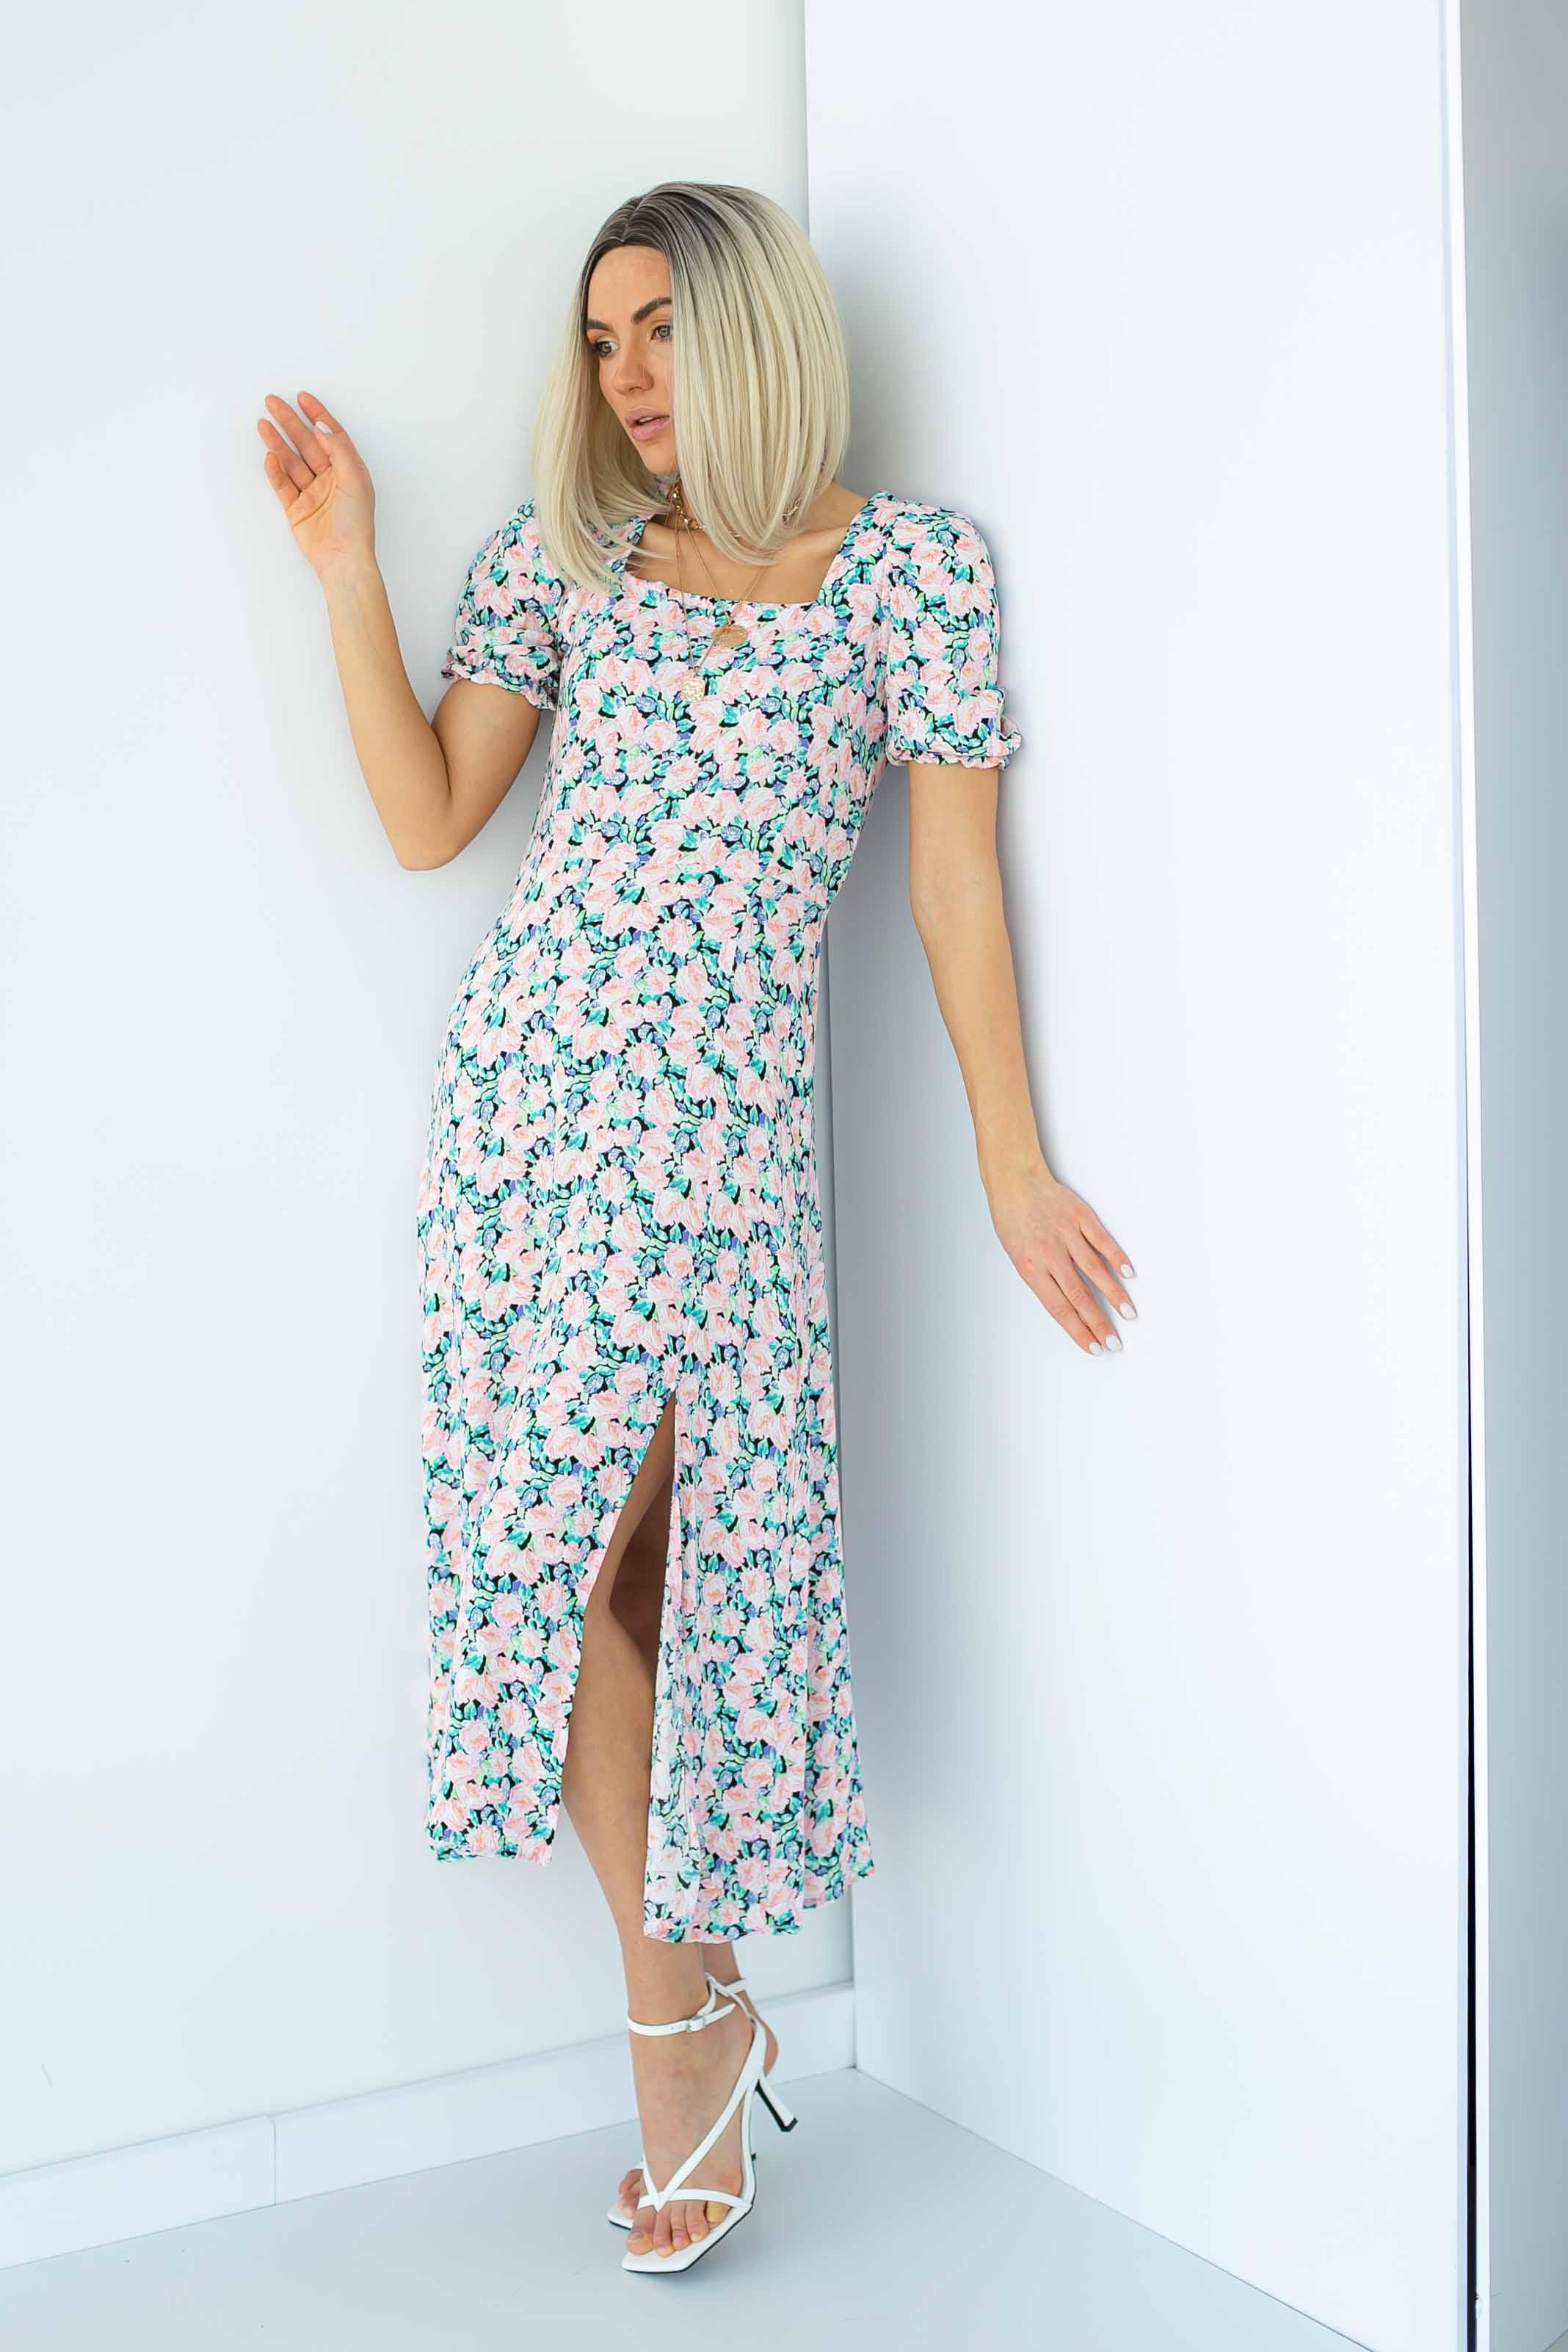 Длинное платье с квадратным вырезом и распоркой Barley - пудра цвет